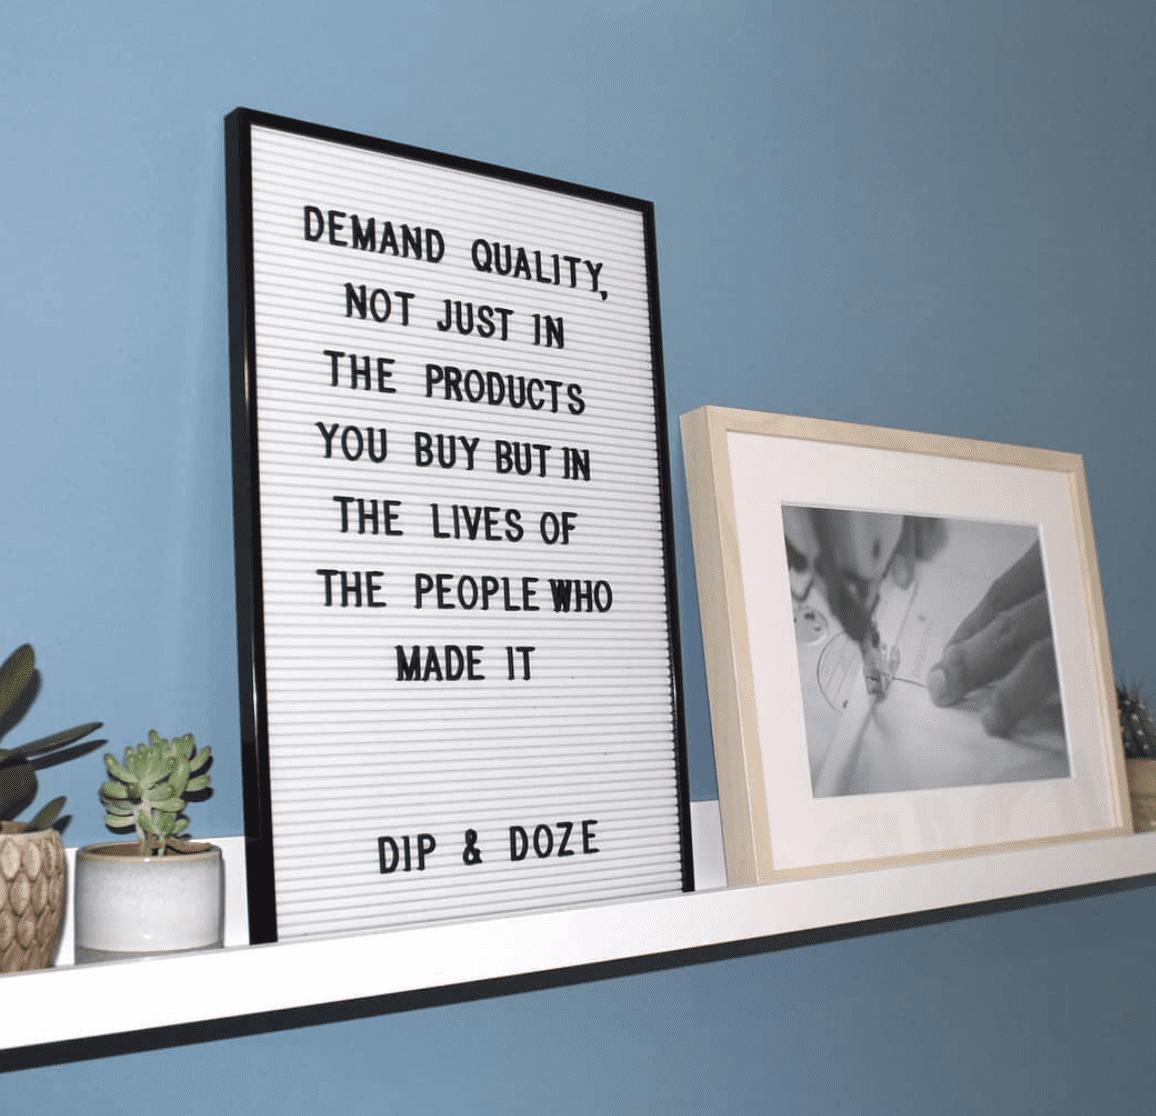 Dip & Doze quality board